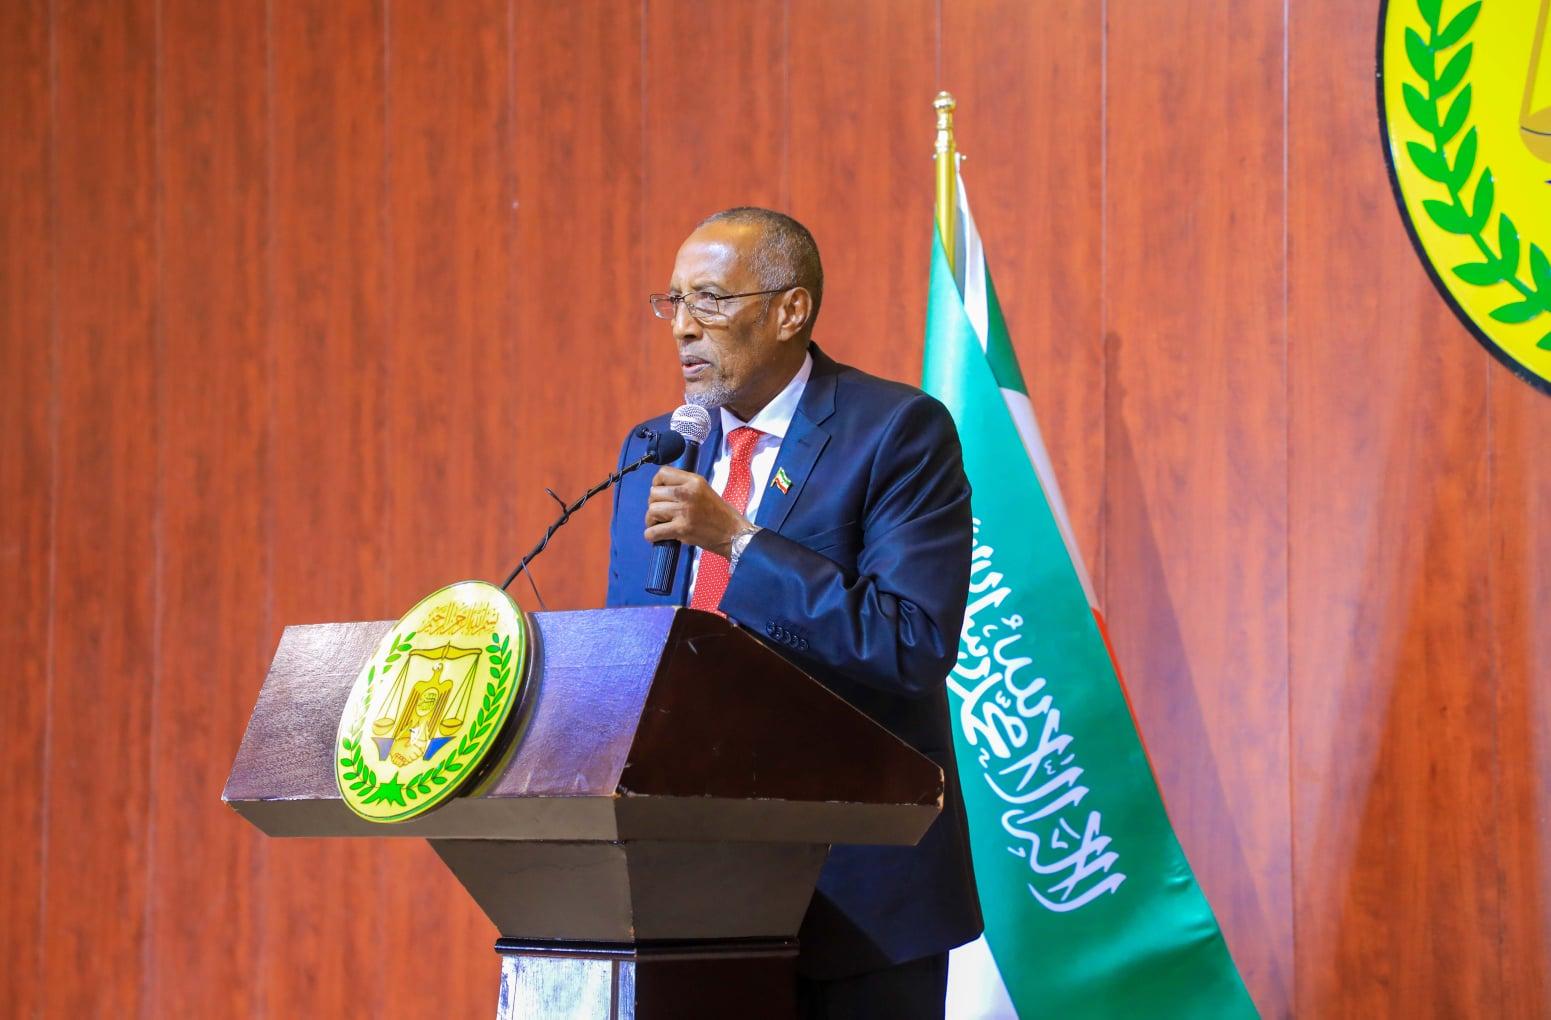 Madaxweyne Biixi Oo Jeediyay Khudbad Xasaasi Ah, Kana Hadlay In Soomaaliya Ay Cunaqabatayn Saartay Somaliland.